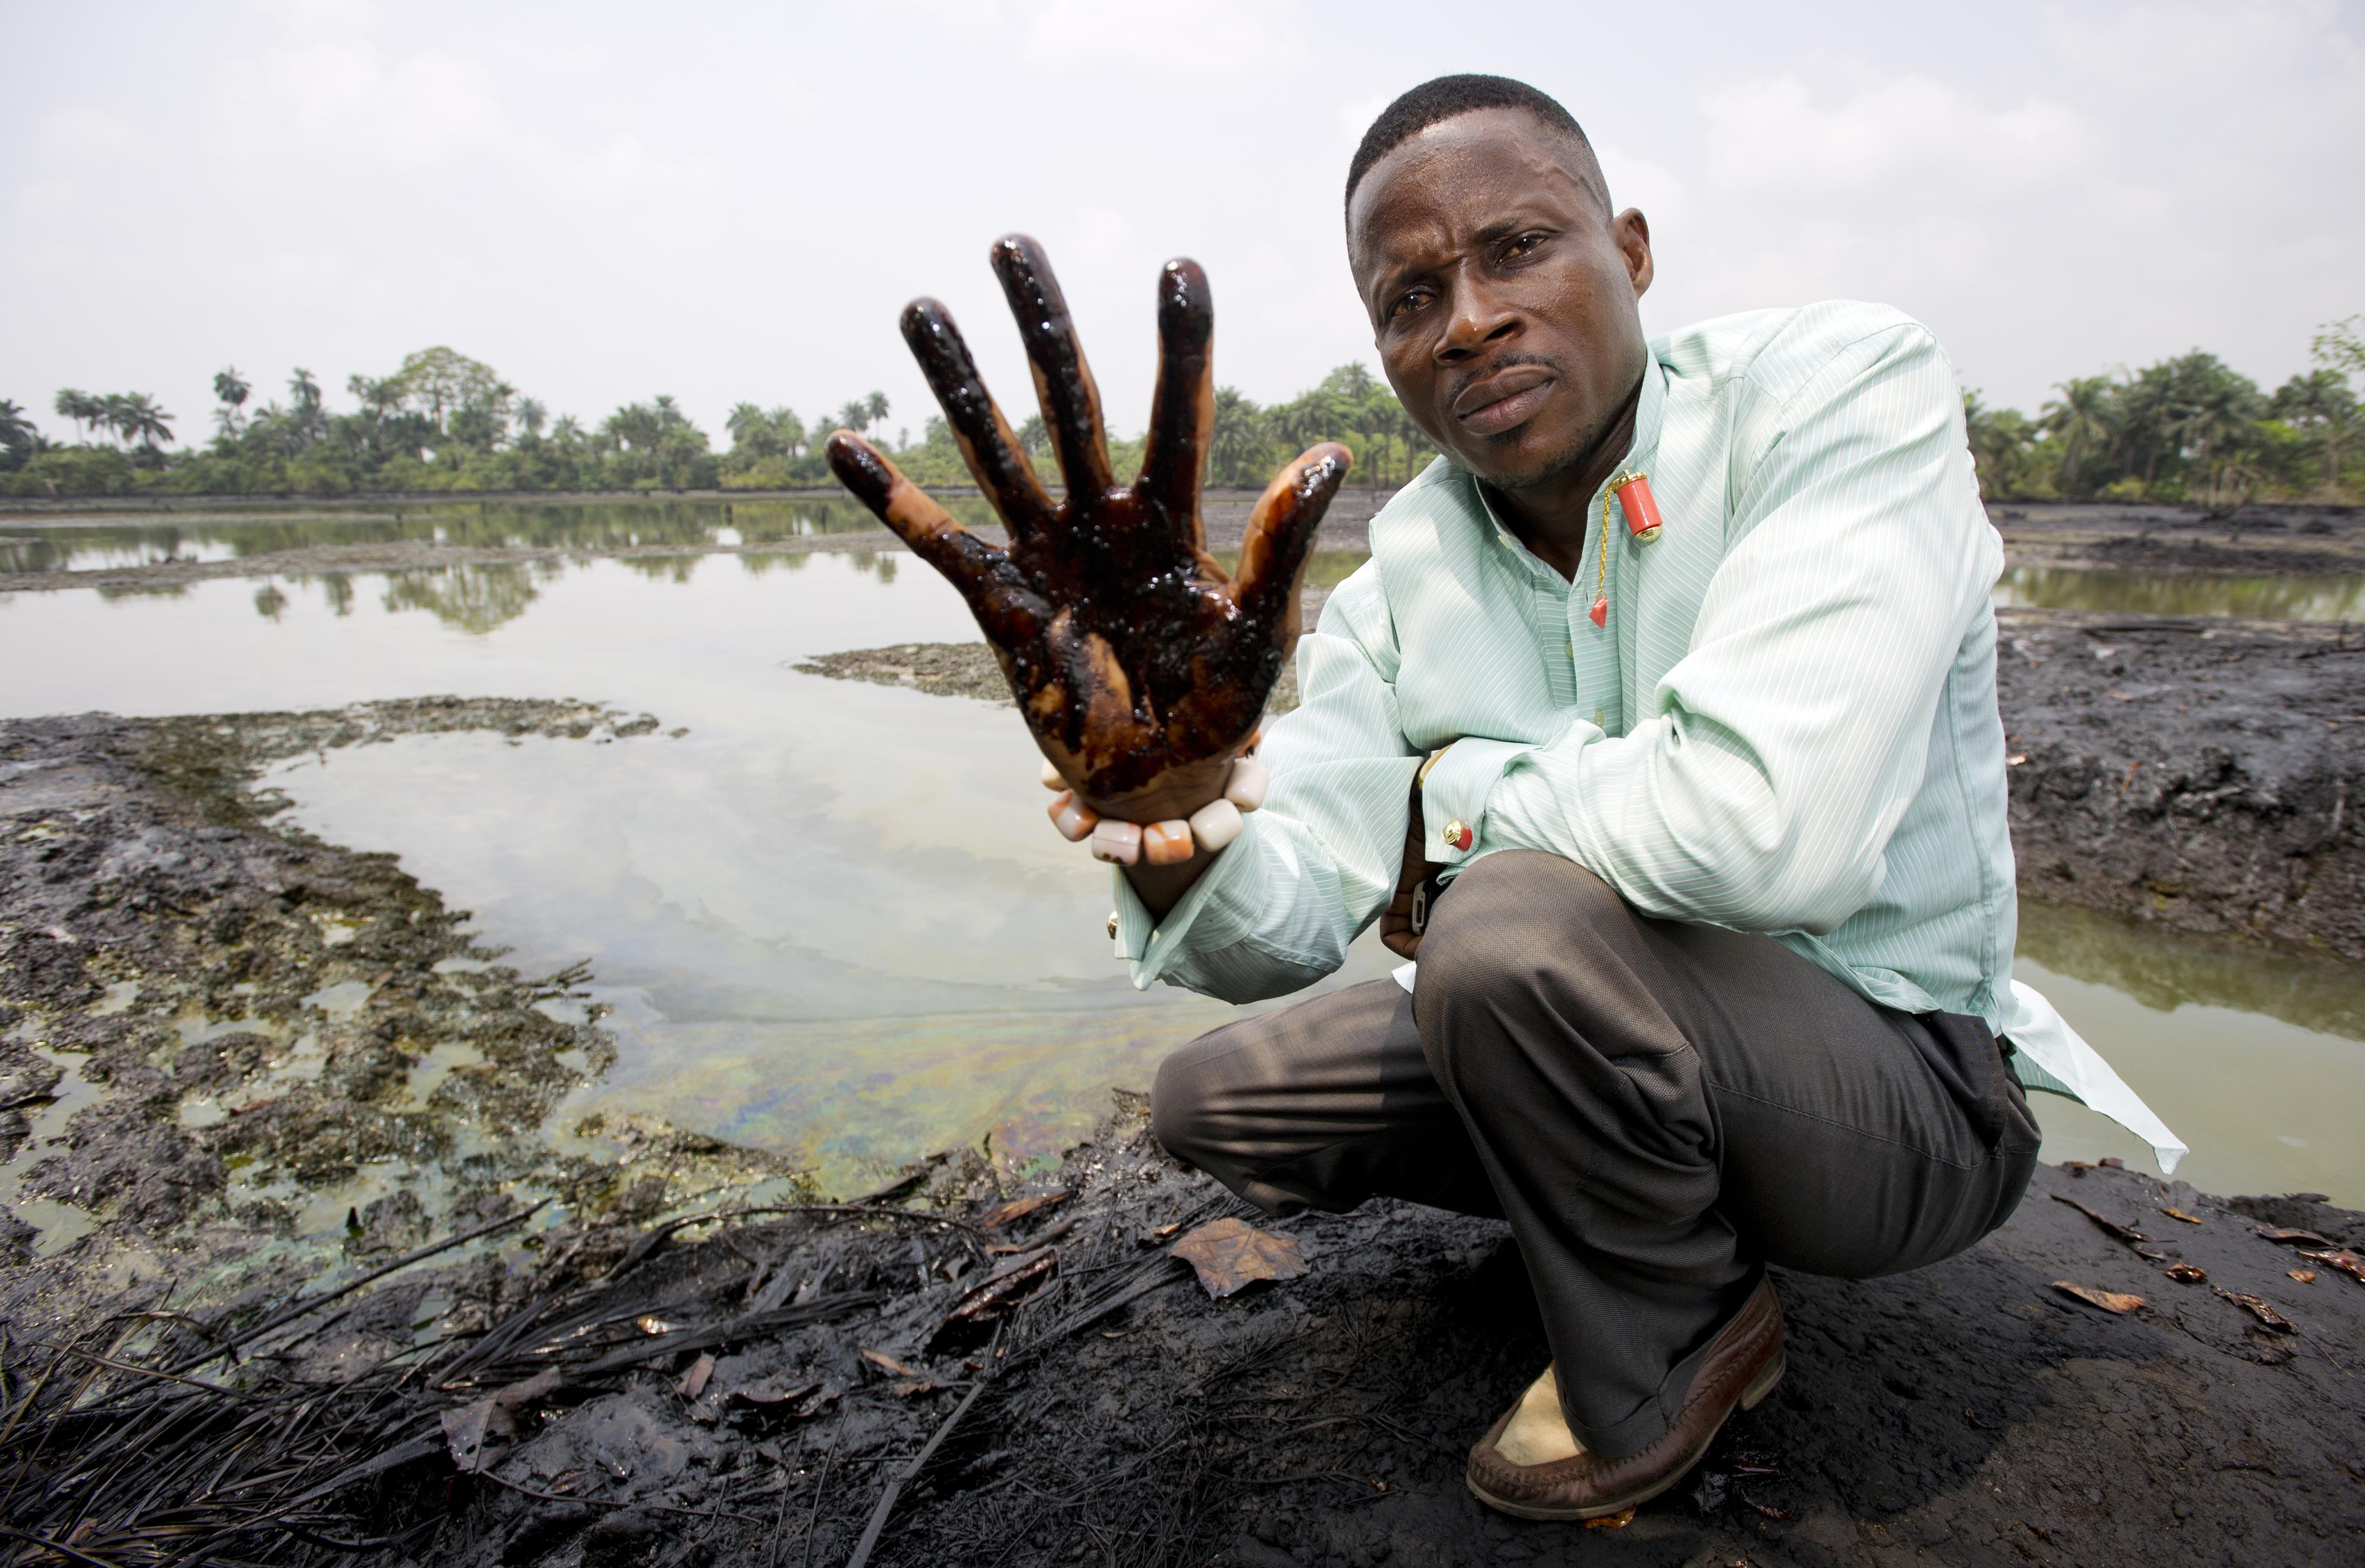 """Eric Dooh, en el pueblo de Goi, Ogoniland, mostrando la contaminación del mar por el petróleo debido a una actividad de la empresa Shell en Nigeria. Fuente: """"Marten van Dijl/Friends of the Earth Netherlands"""